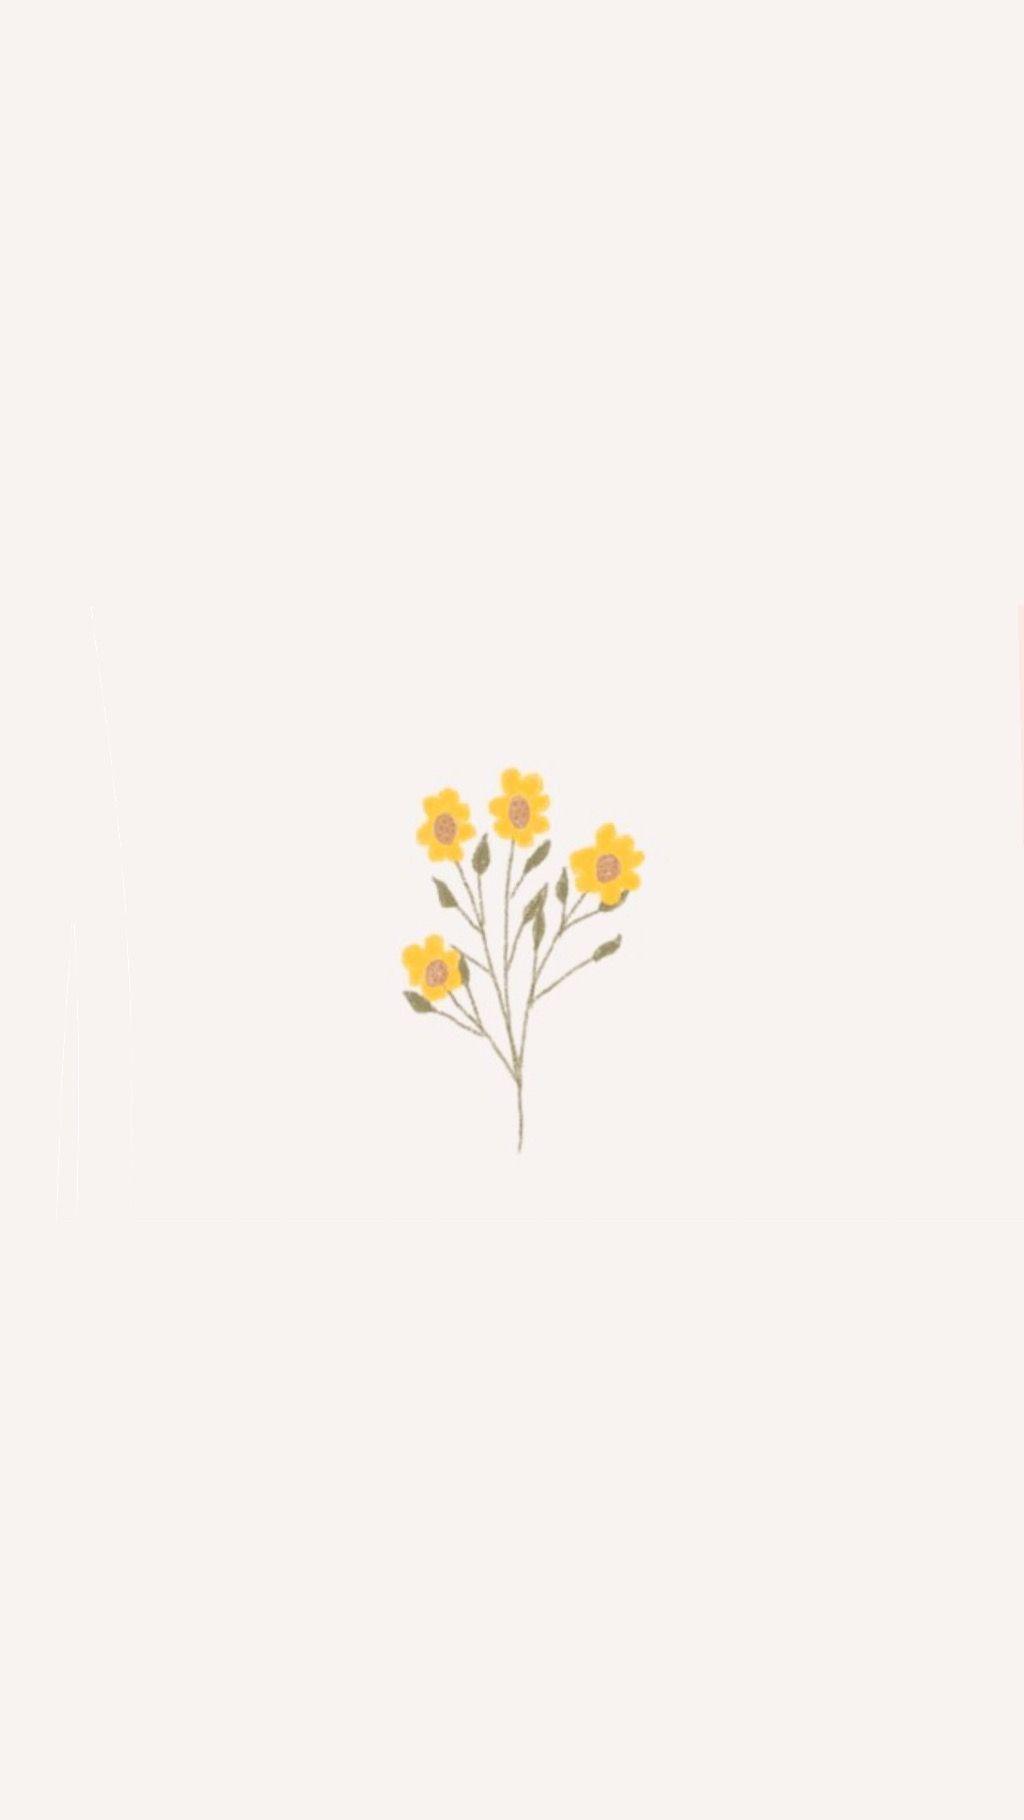 Iphone Tapetti Yksinkertainen Minimalistinen Minimalist Wallpaper Cute Simple Wallpapers Minimal Wallpaper